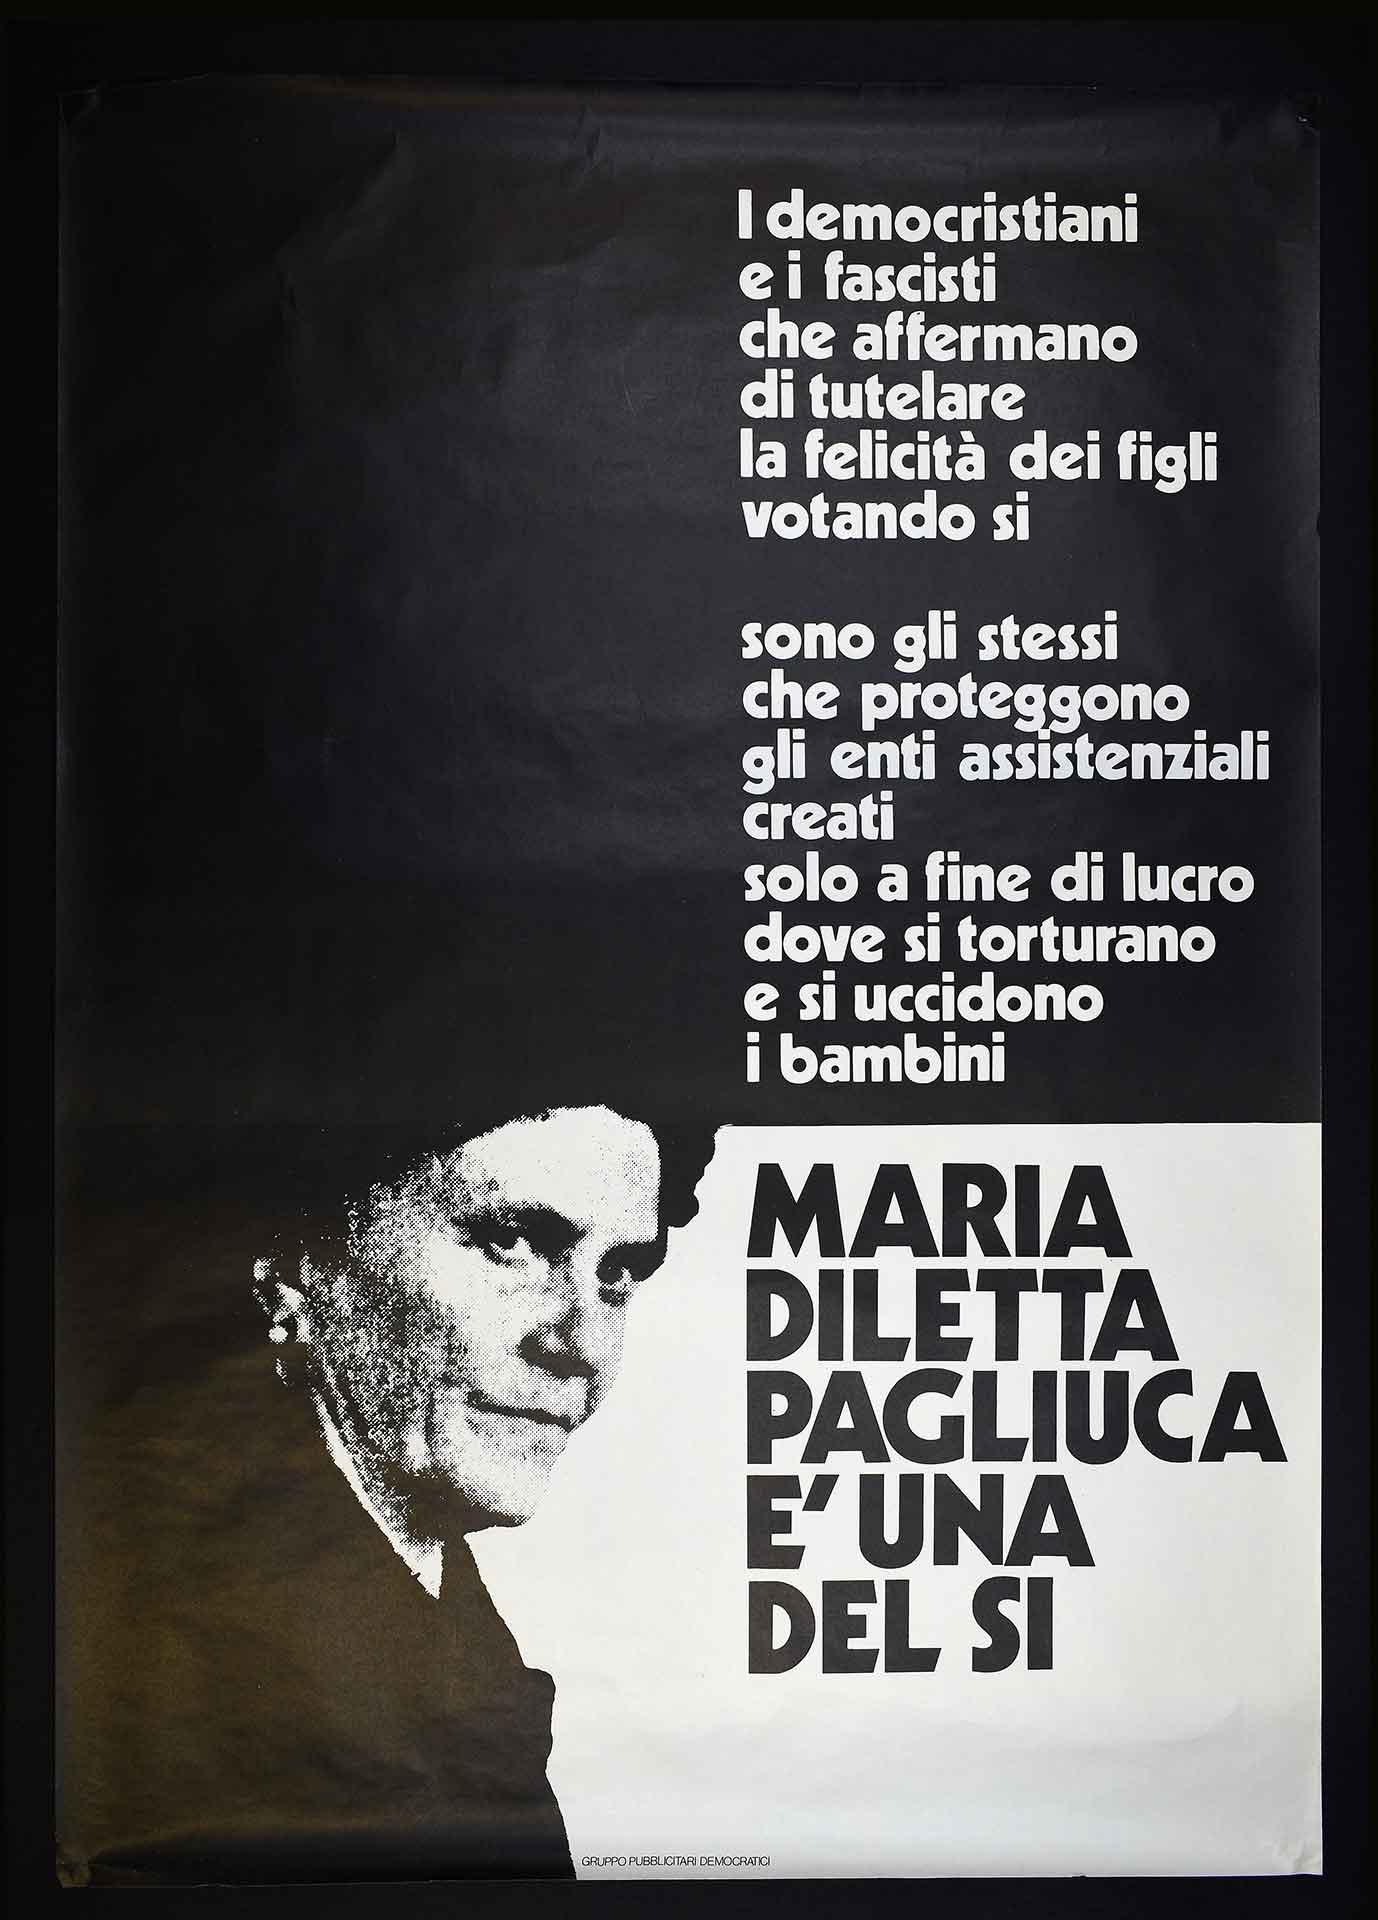 Gruppo Pubblicitari Democratici contro l'abrogazione della legge sul divorzio. Nel manifesto l'immagine di suor Maria Diletta Pagliuca, maestra accusata nel 1969 di maltrattamenti nei confronti di bambini disabili, alcuni dei quali persero la vita. Campagna referendaria.